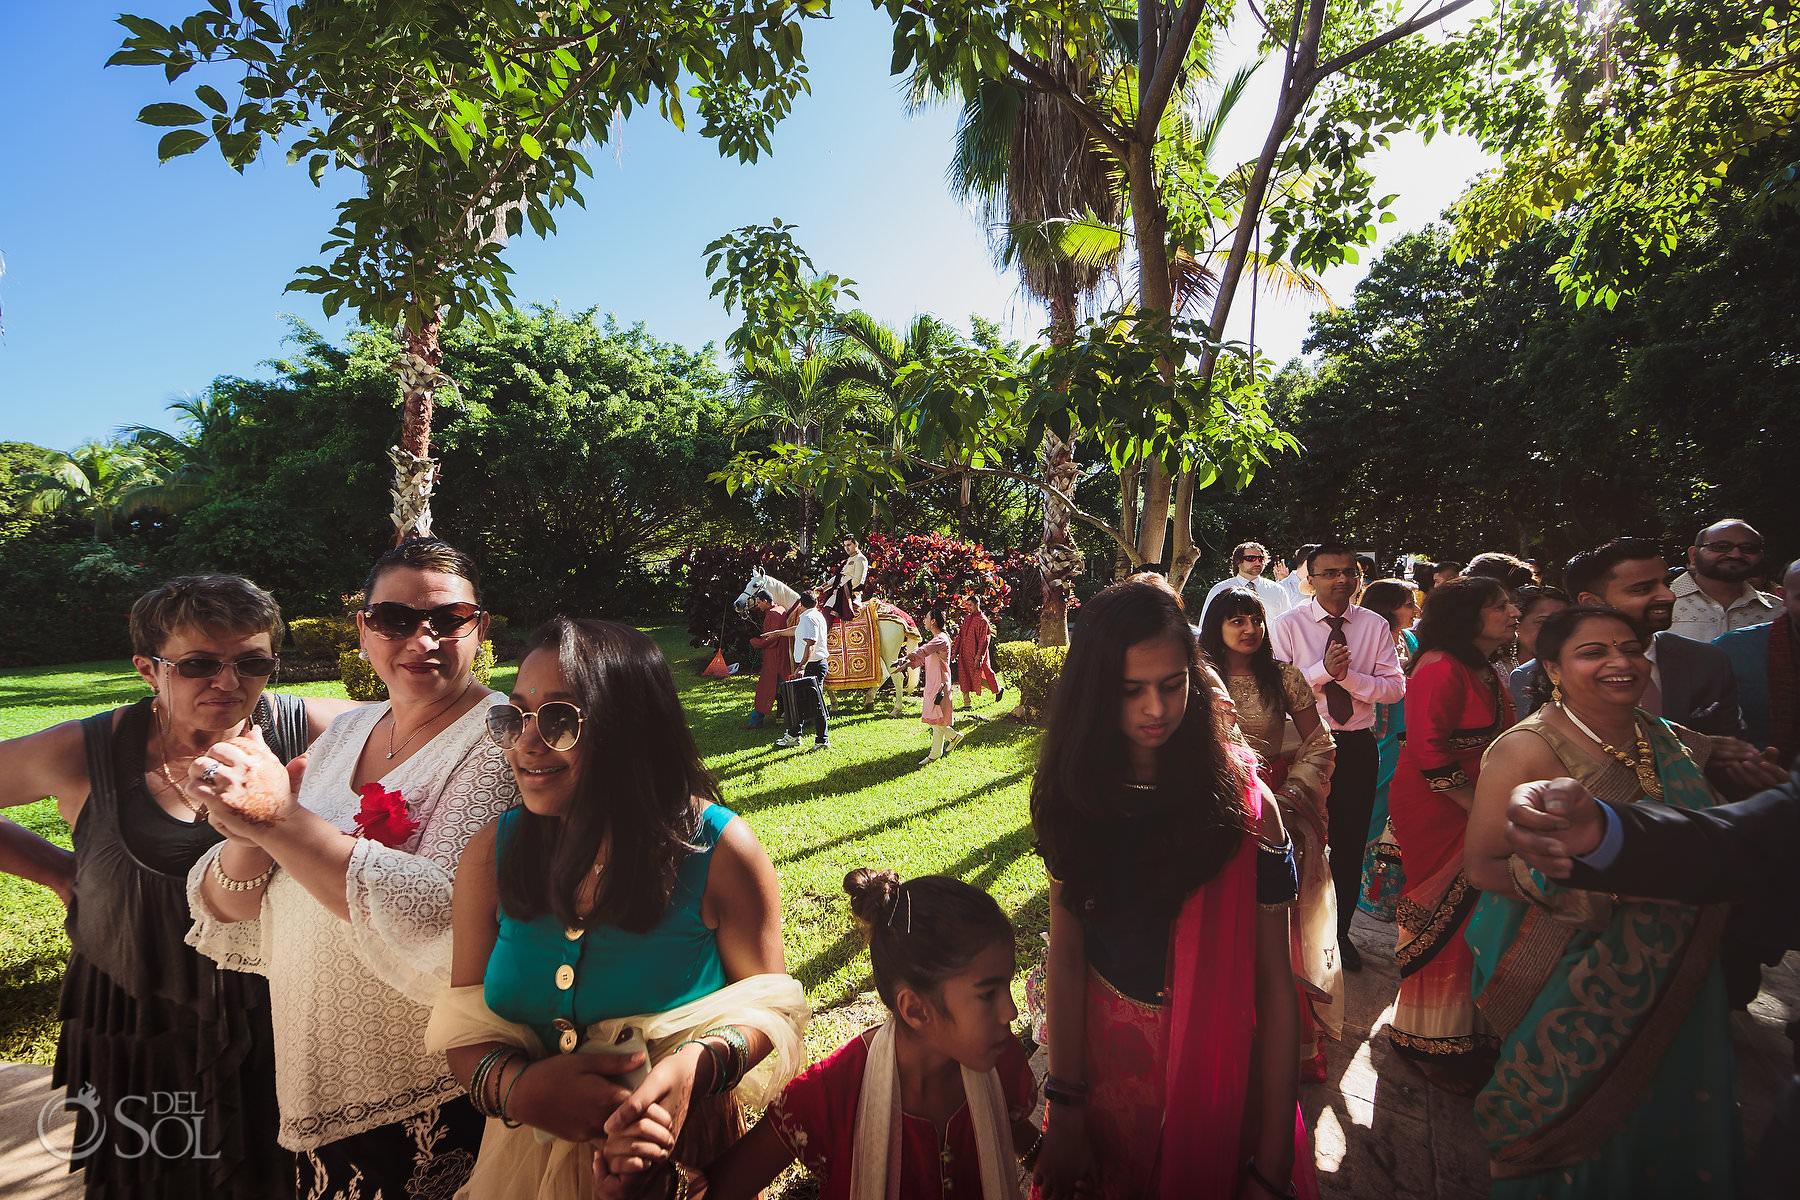 Baarat Dreams Garden Mexico South Asian Wedding Dreams Tulum Riviera Maya